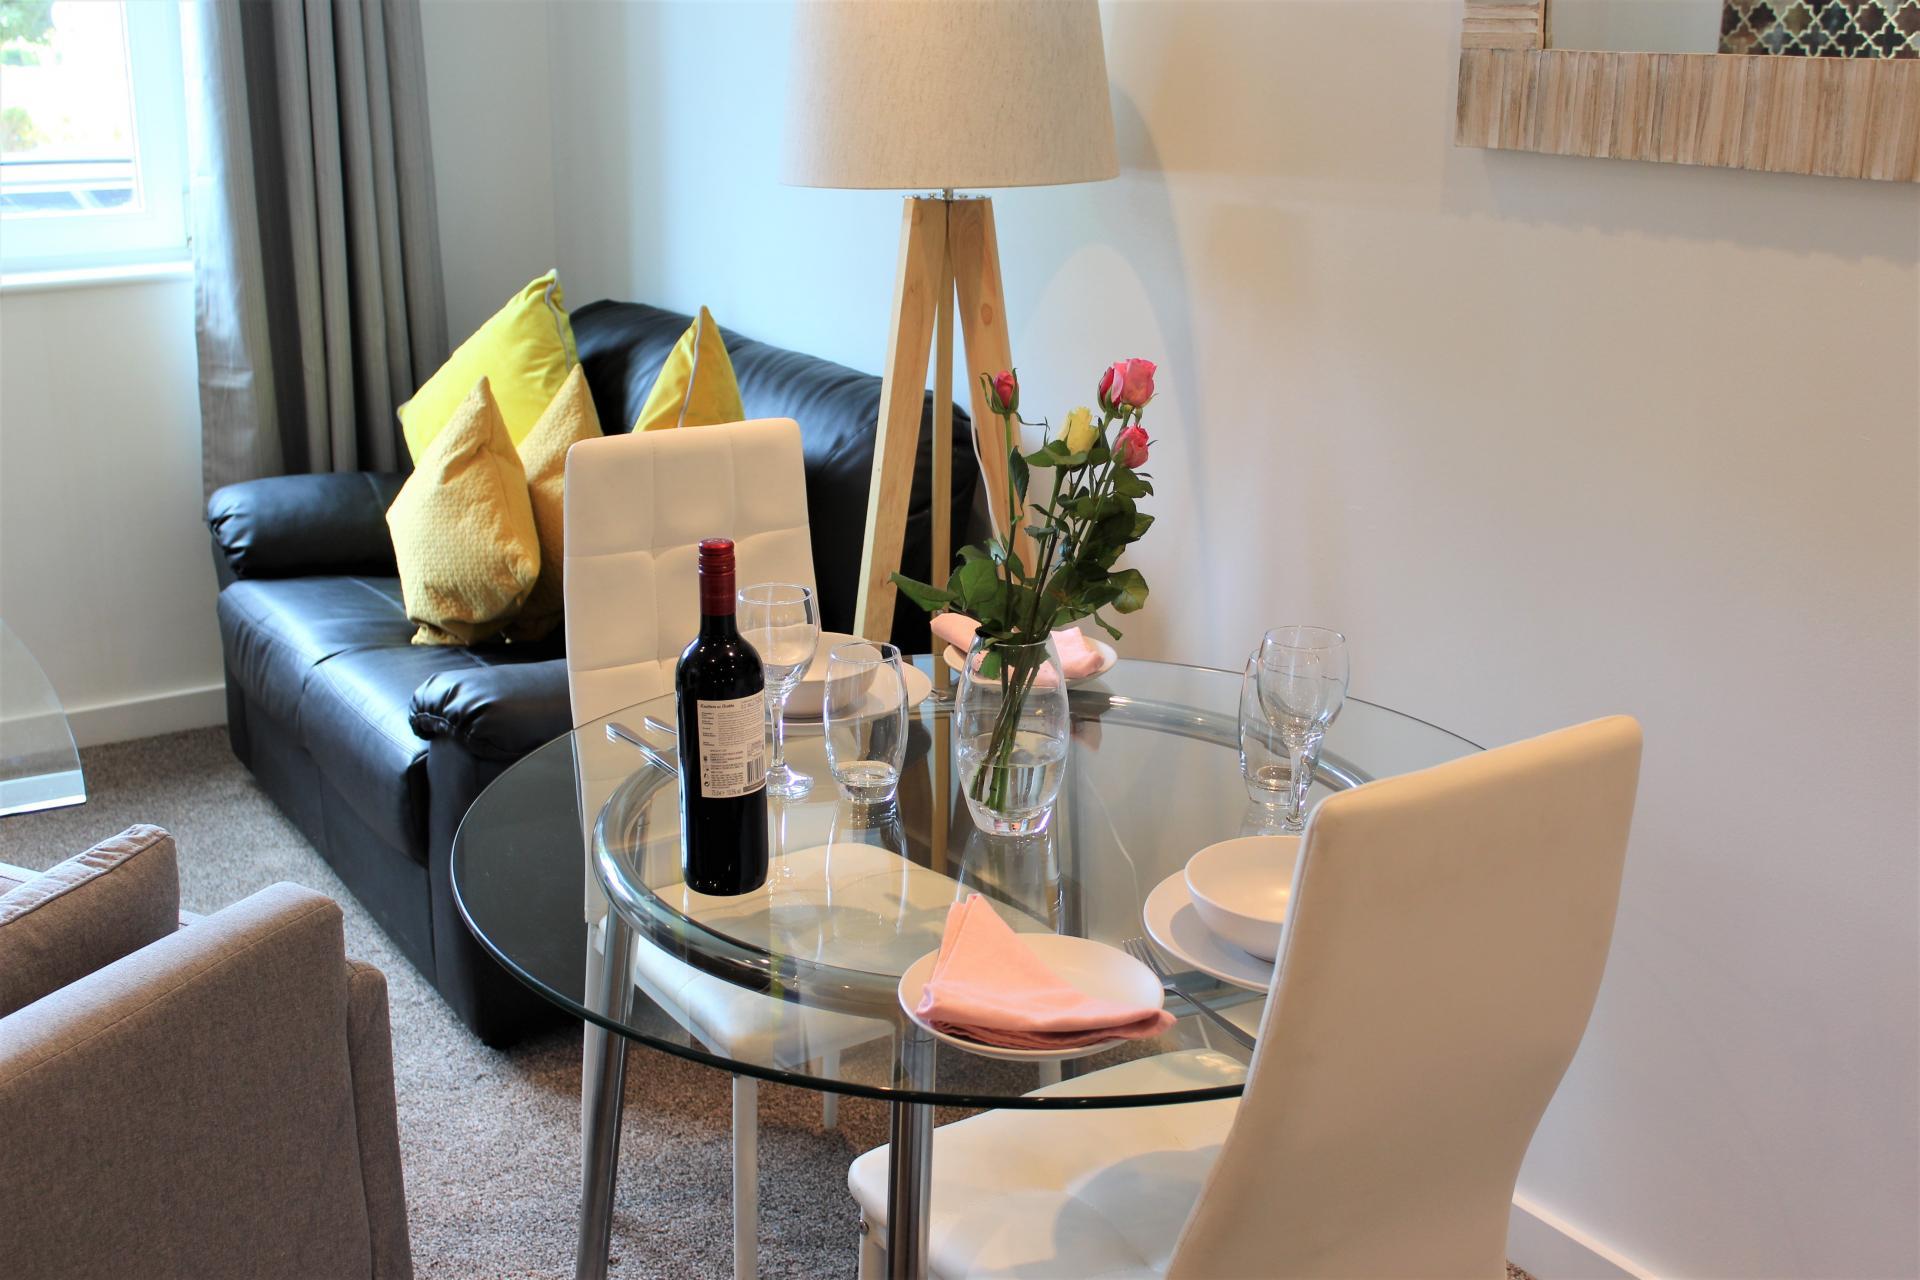 Table at Gunwharf Quays Apartments, Gunwharf Quays, Portsmouth